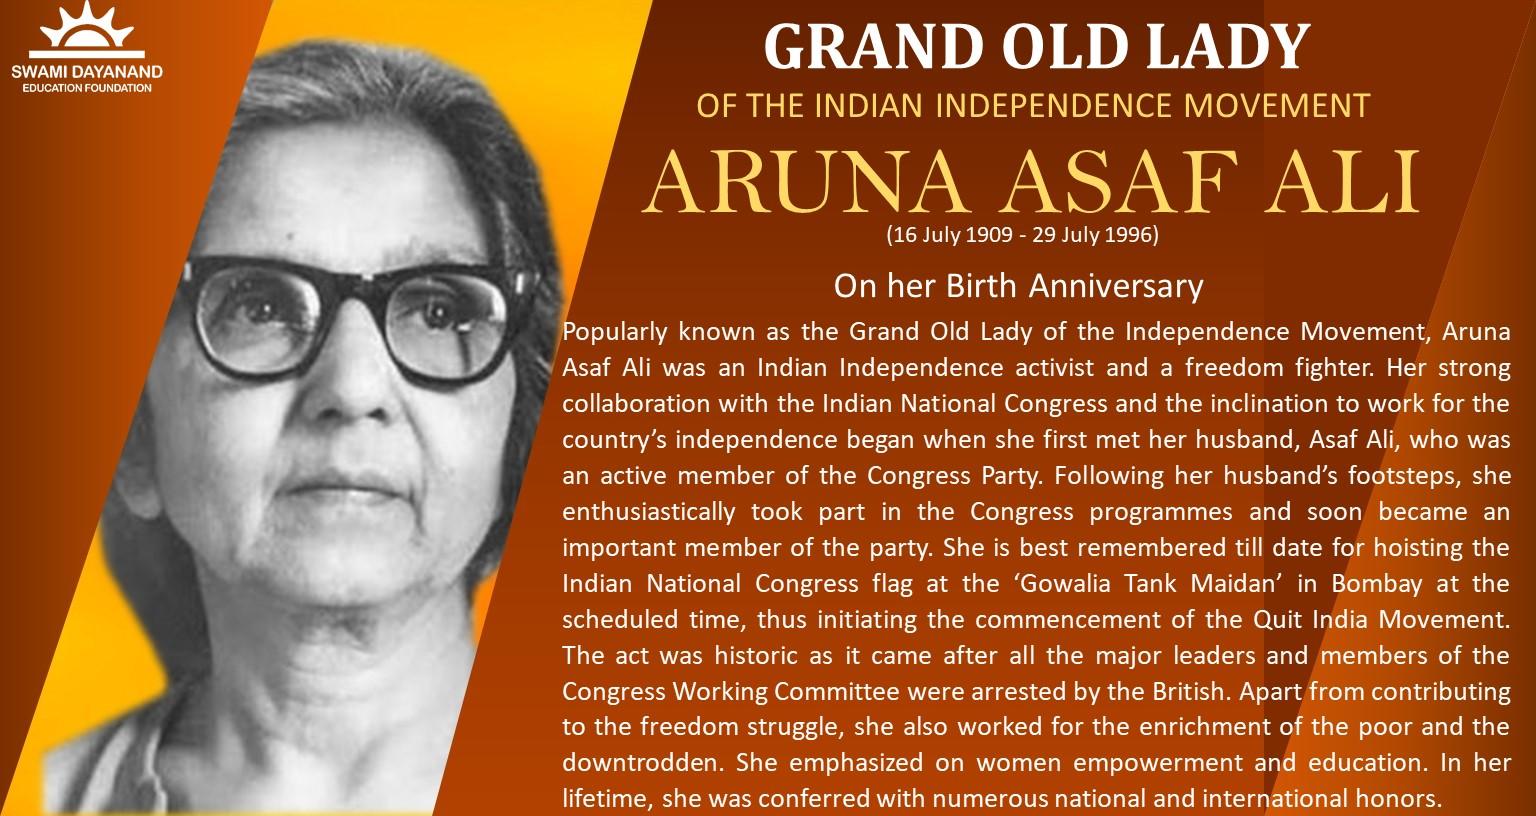 ARUNA ASAF ALI  (16 July 1909 - 29 July 1996)